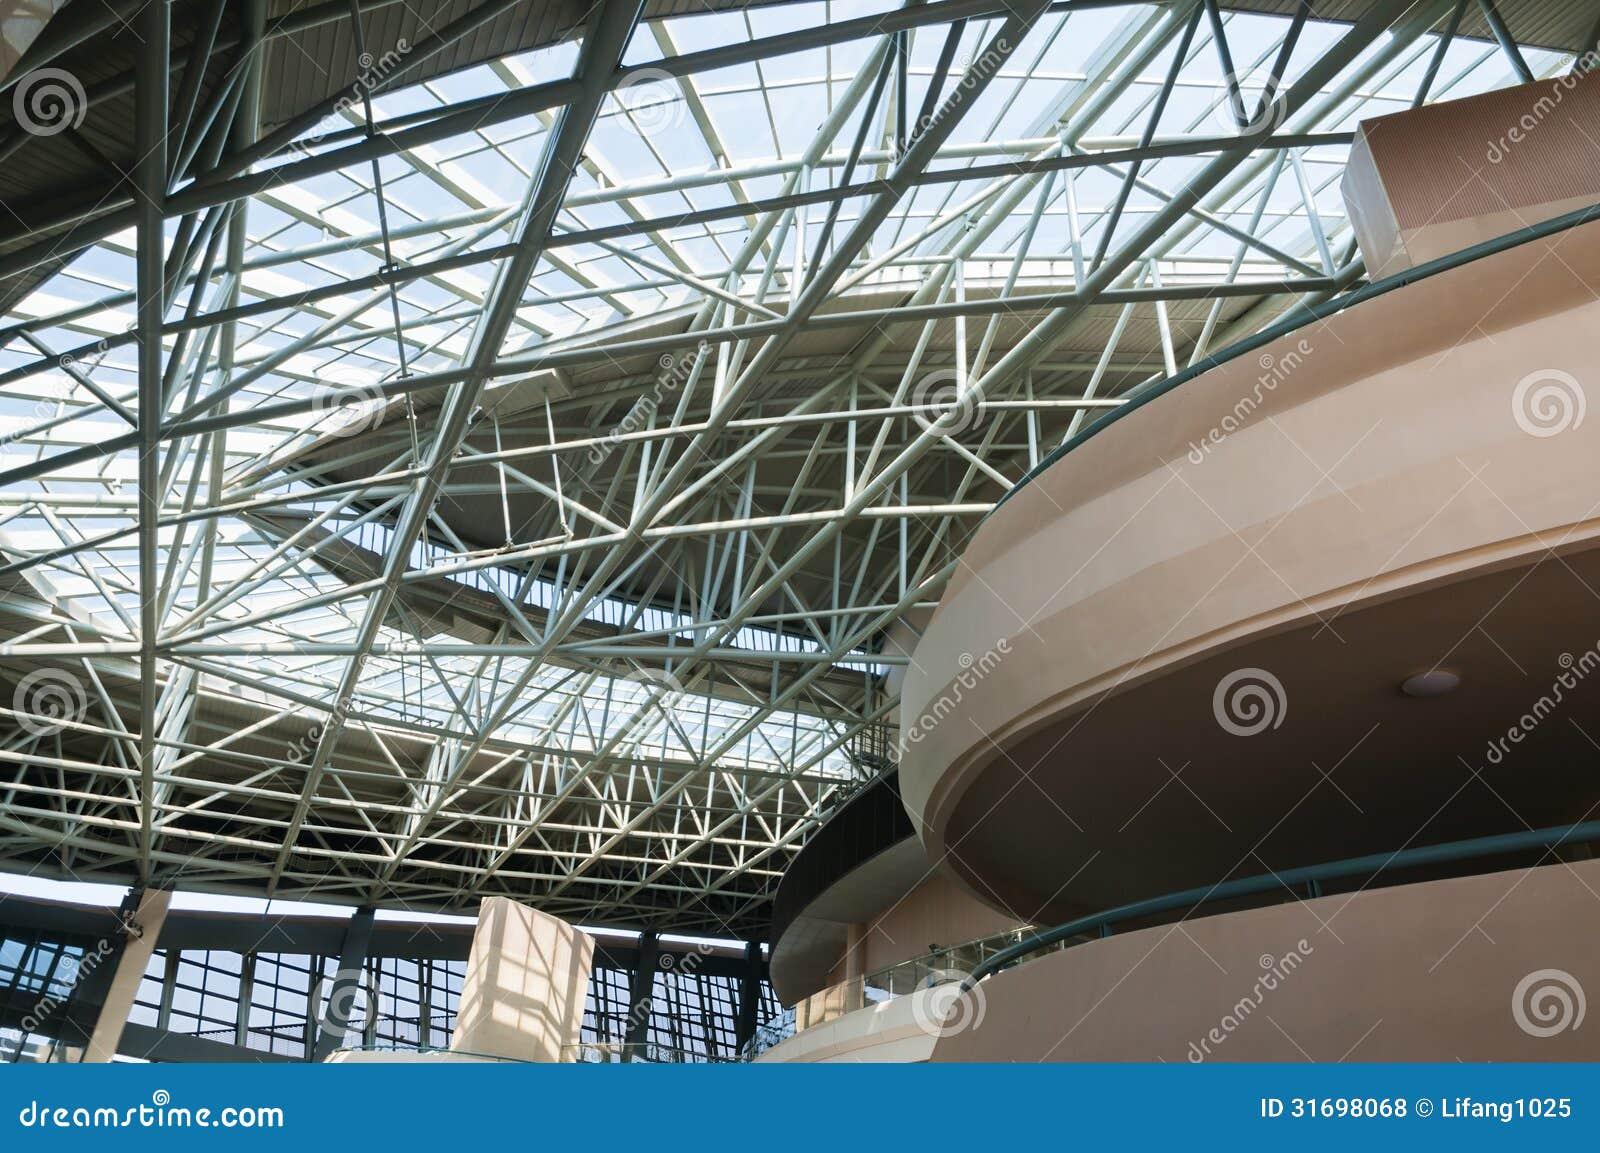 R sum d 39 int rieur de construction d 39 architecture moderne photos libres de droits image 31698068 - Architecture d interieur moderne ...